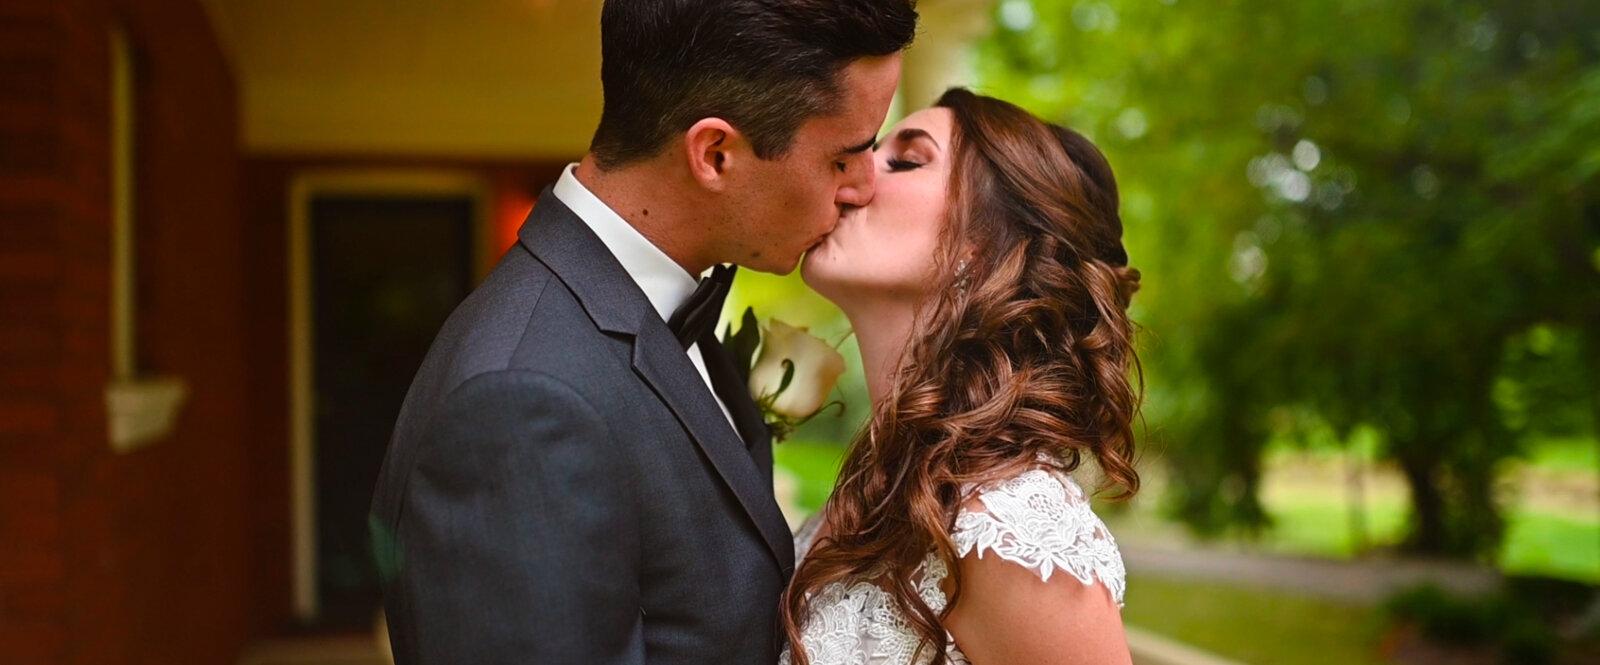 Fun + Colourful Wedding Films - 2020 + 2021 Weddings